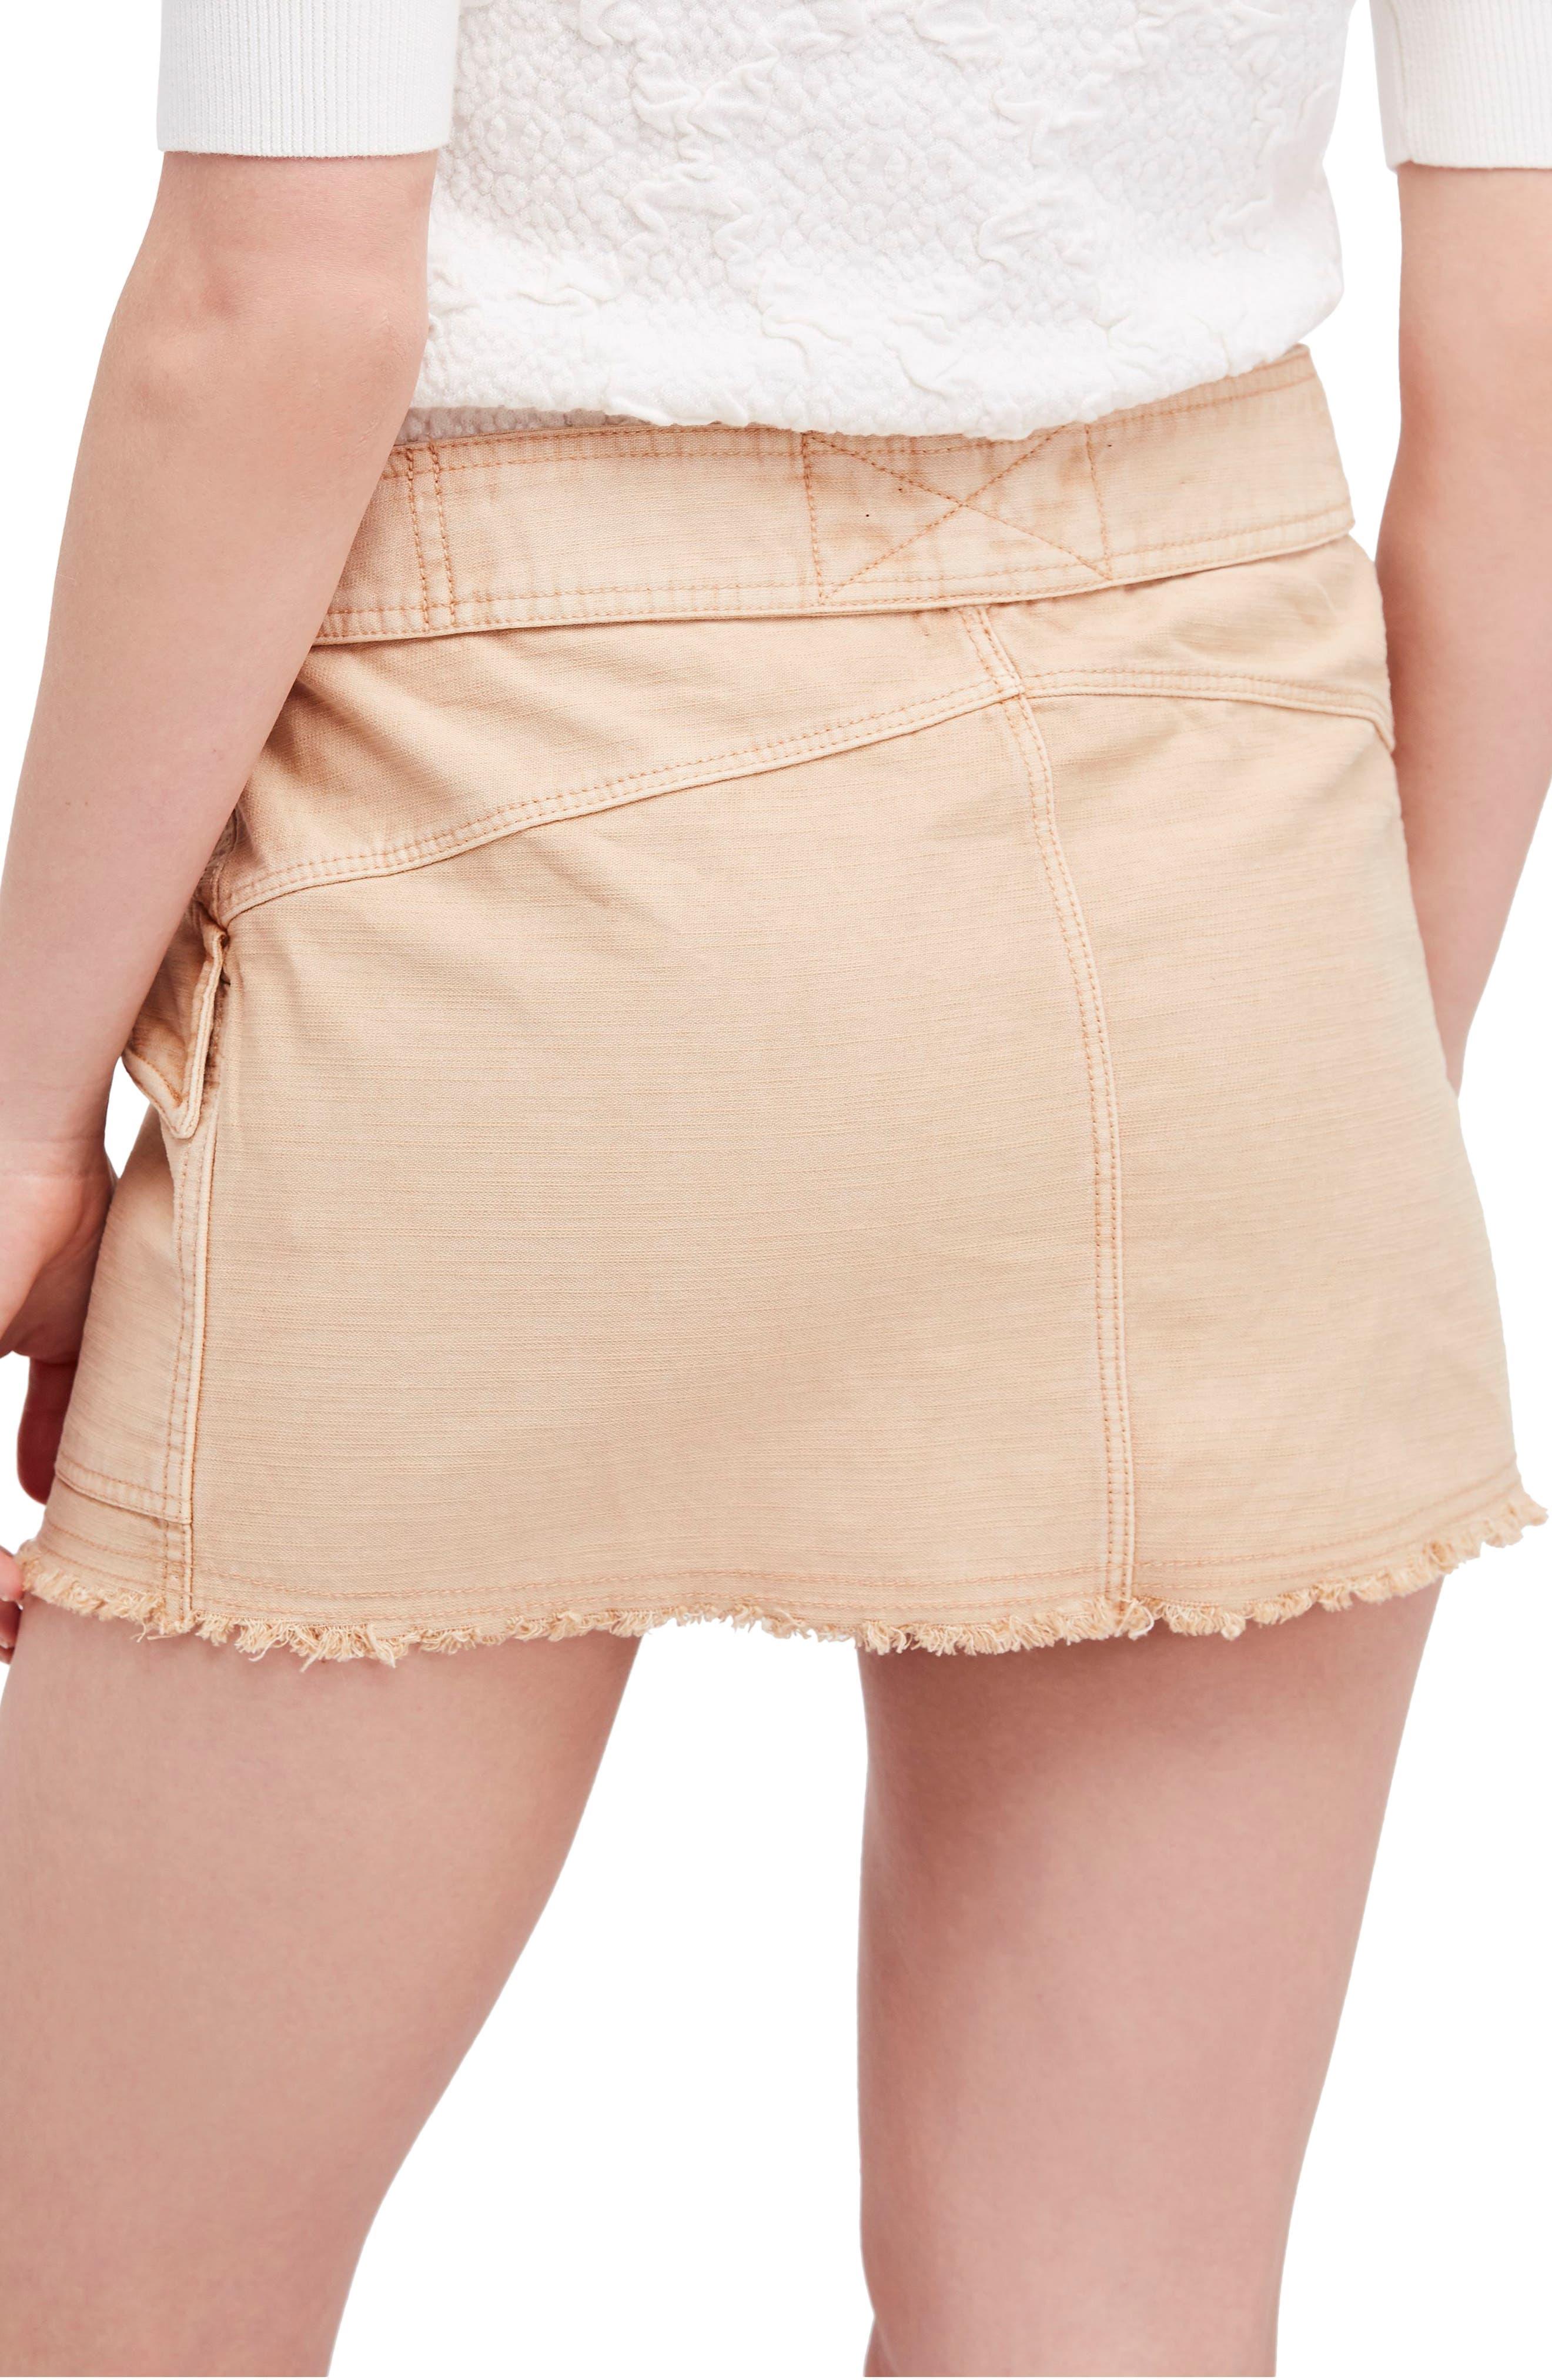 Hangin' On Tight Miniskirt,                             Alternate thumbnail 5, color,                             Nude